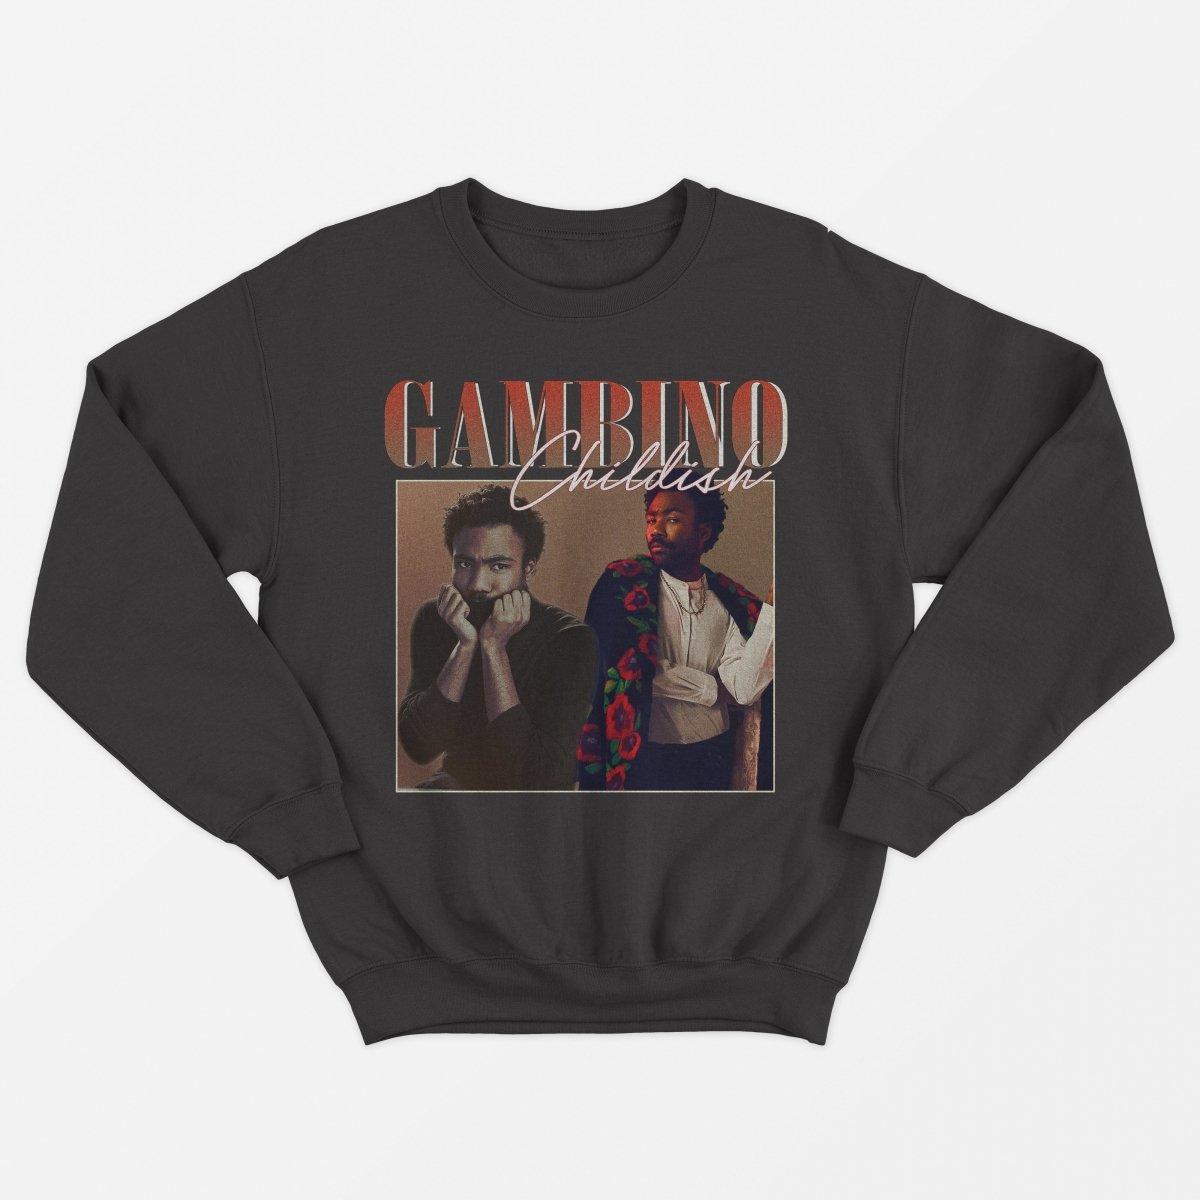 Childish Gambino Vintage Unisex Sweater